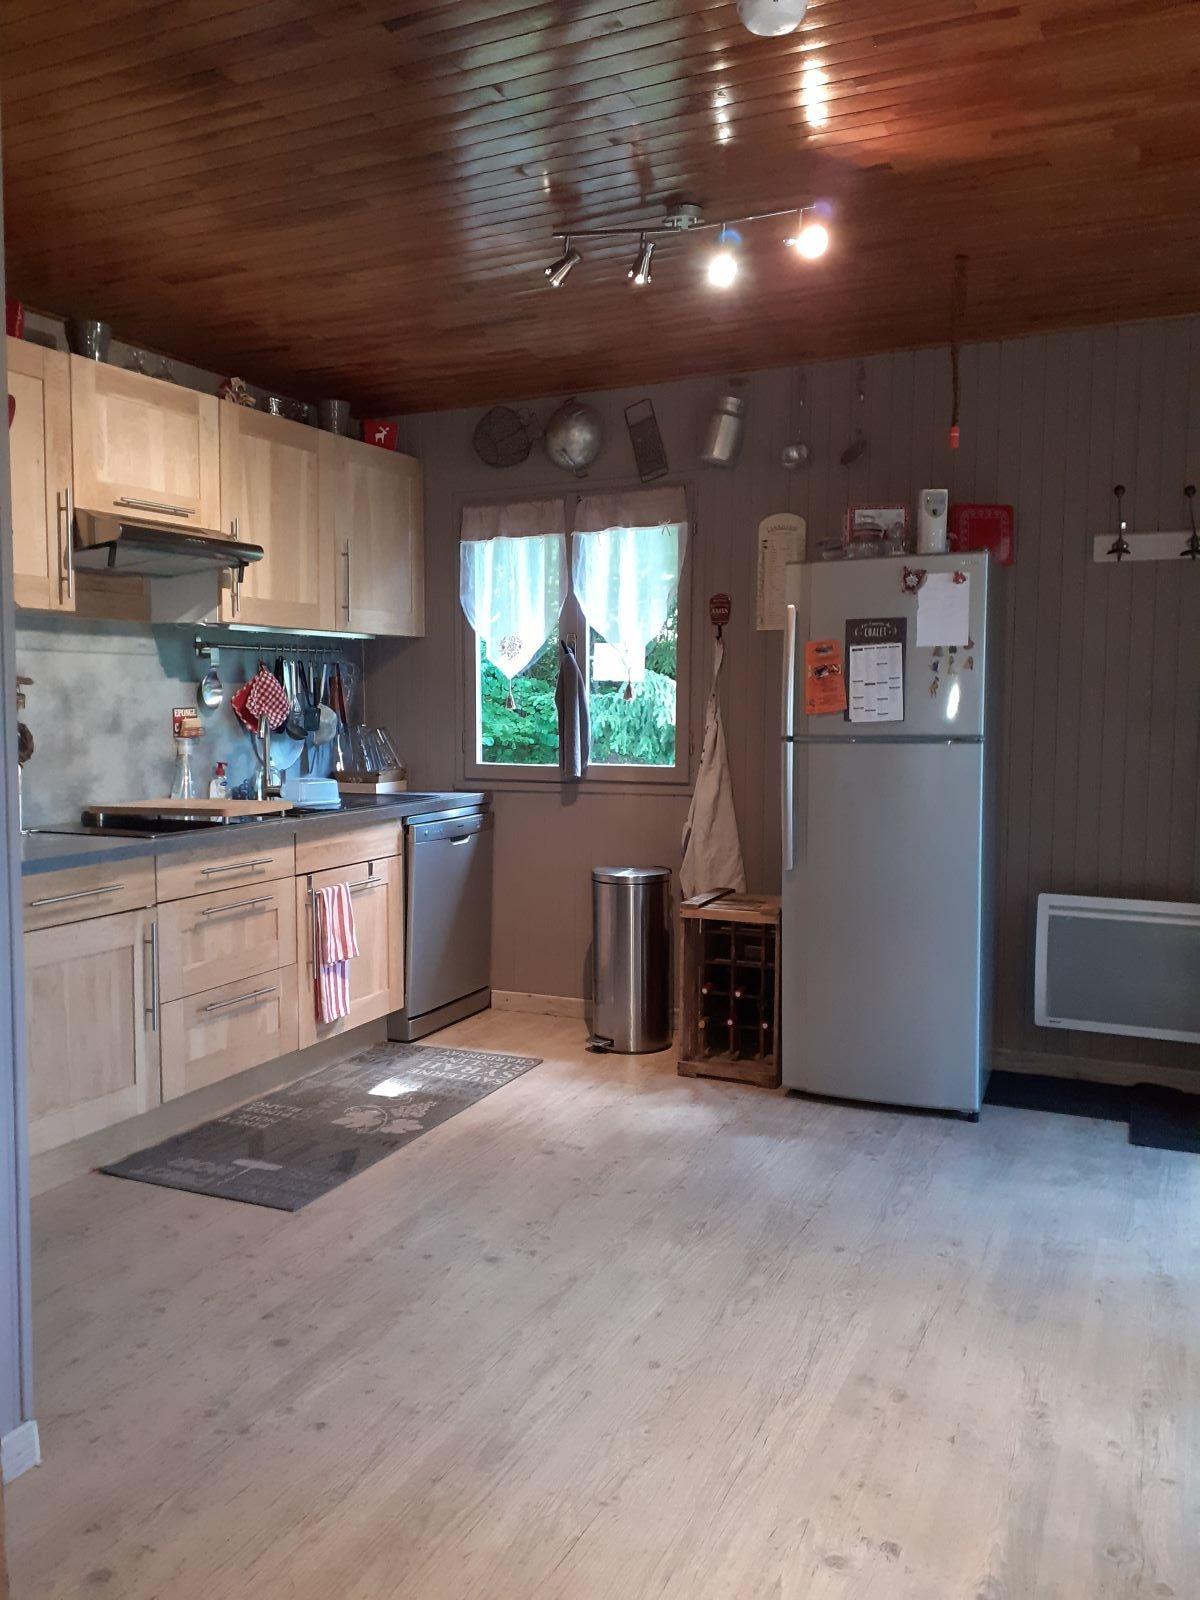 cuisine en entier - ANCELLE CHALET DE 85 m² ( 6 COUCHAGES) AUX FAIX